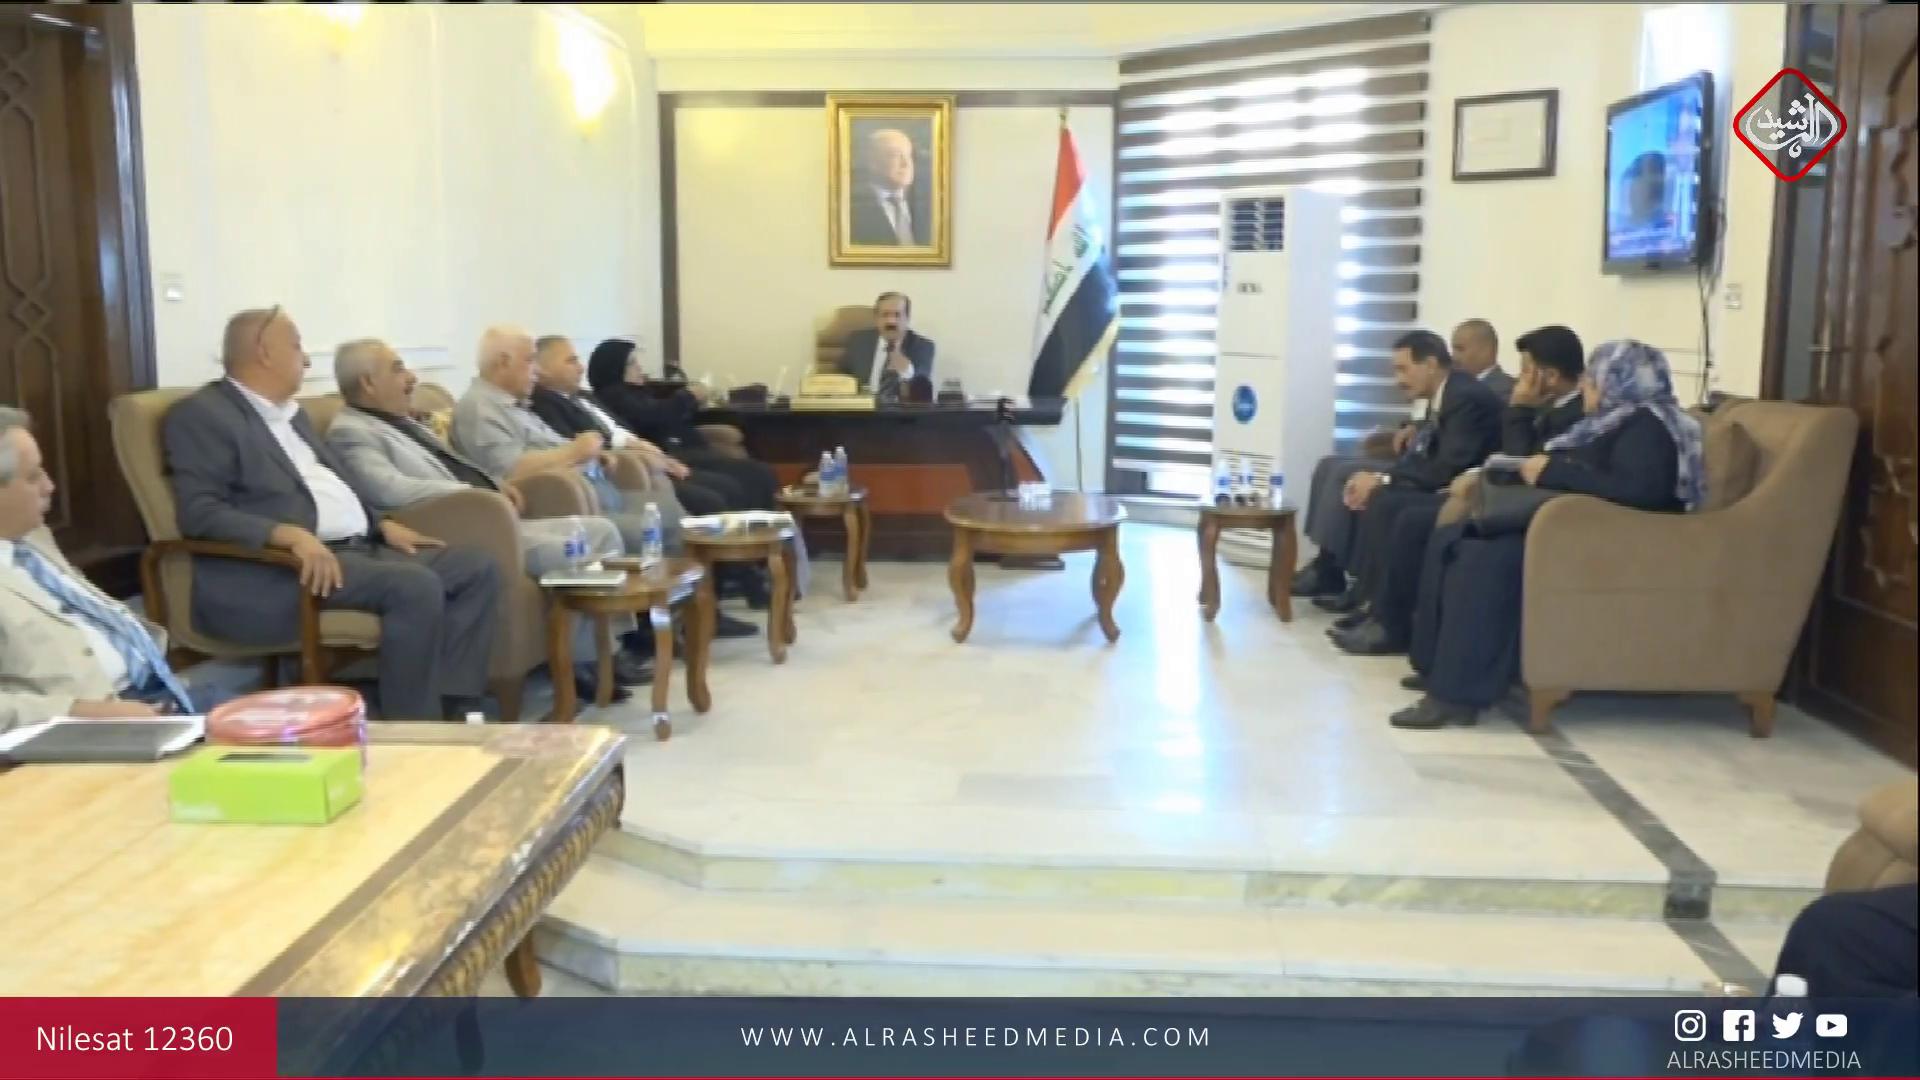 حزب التجمع الجمهوري العراقي يدعو لابعاد العراق عن الصراعات الاقليمية